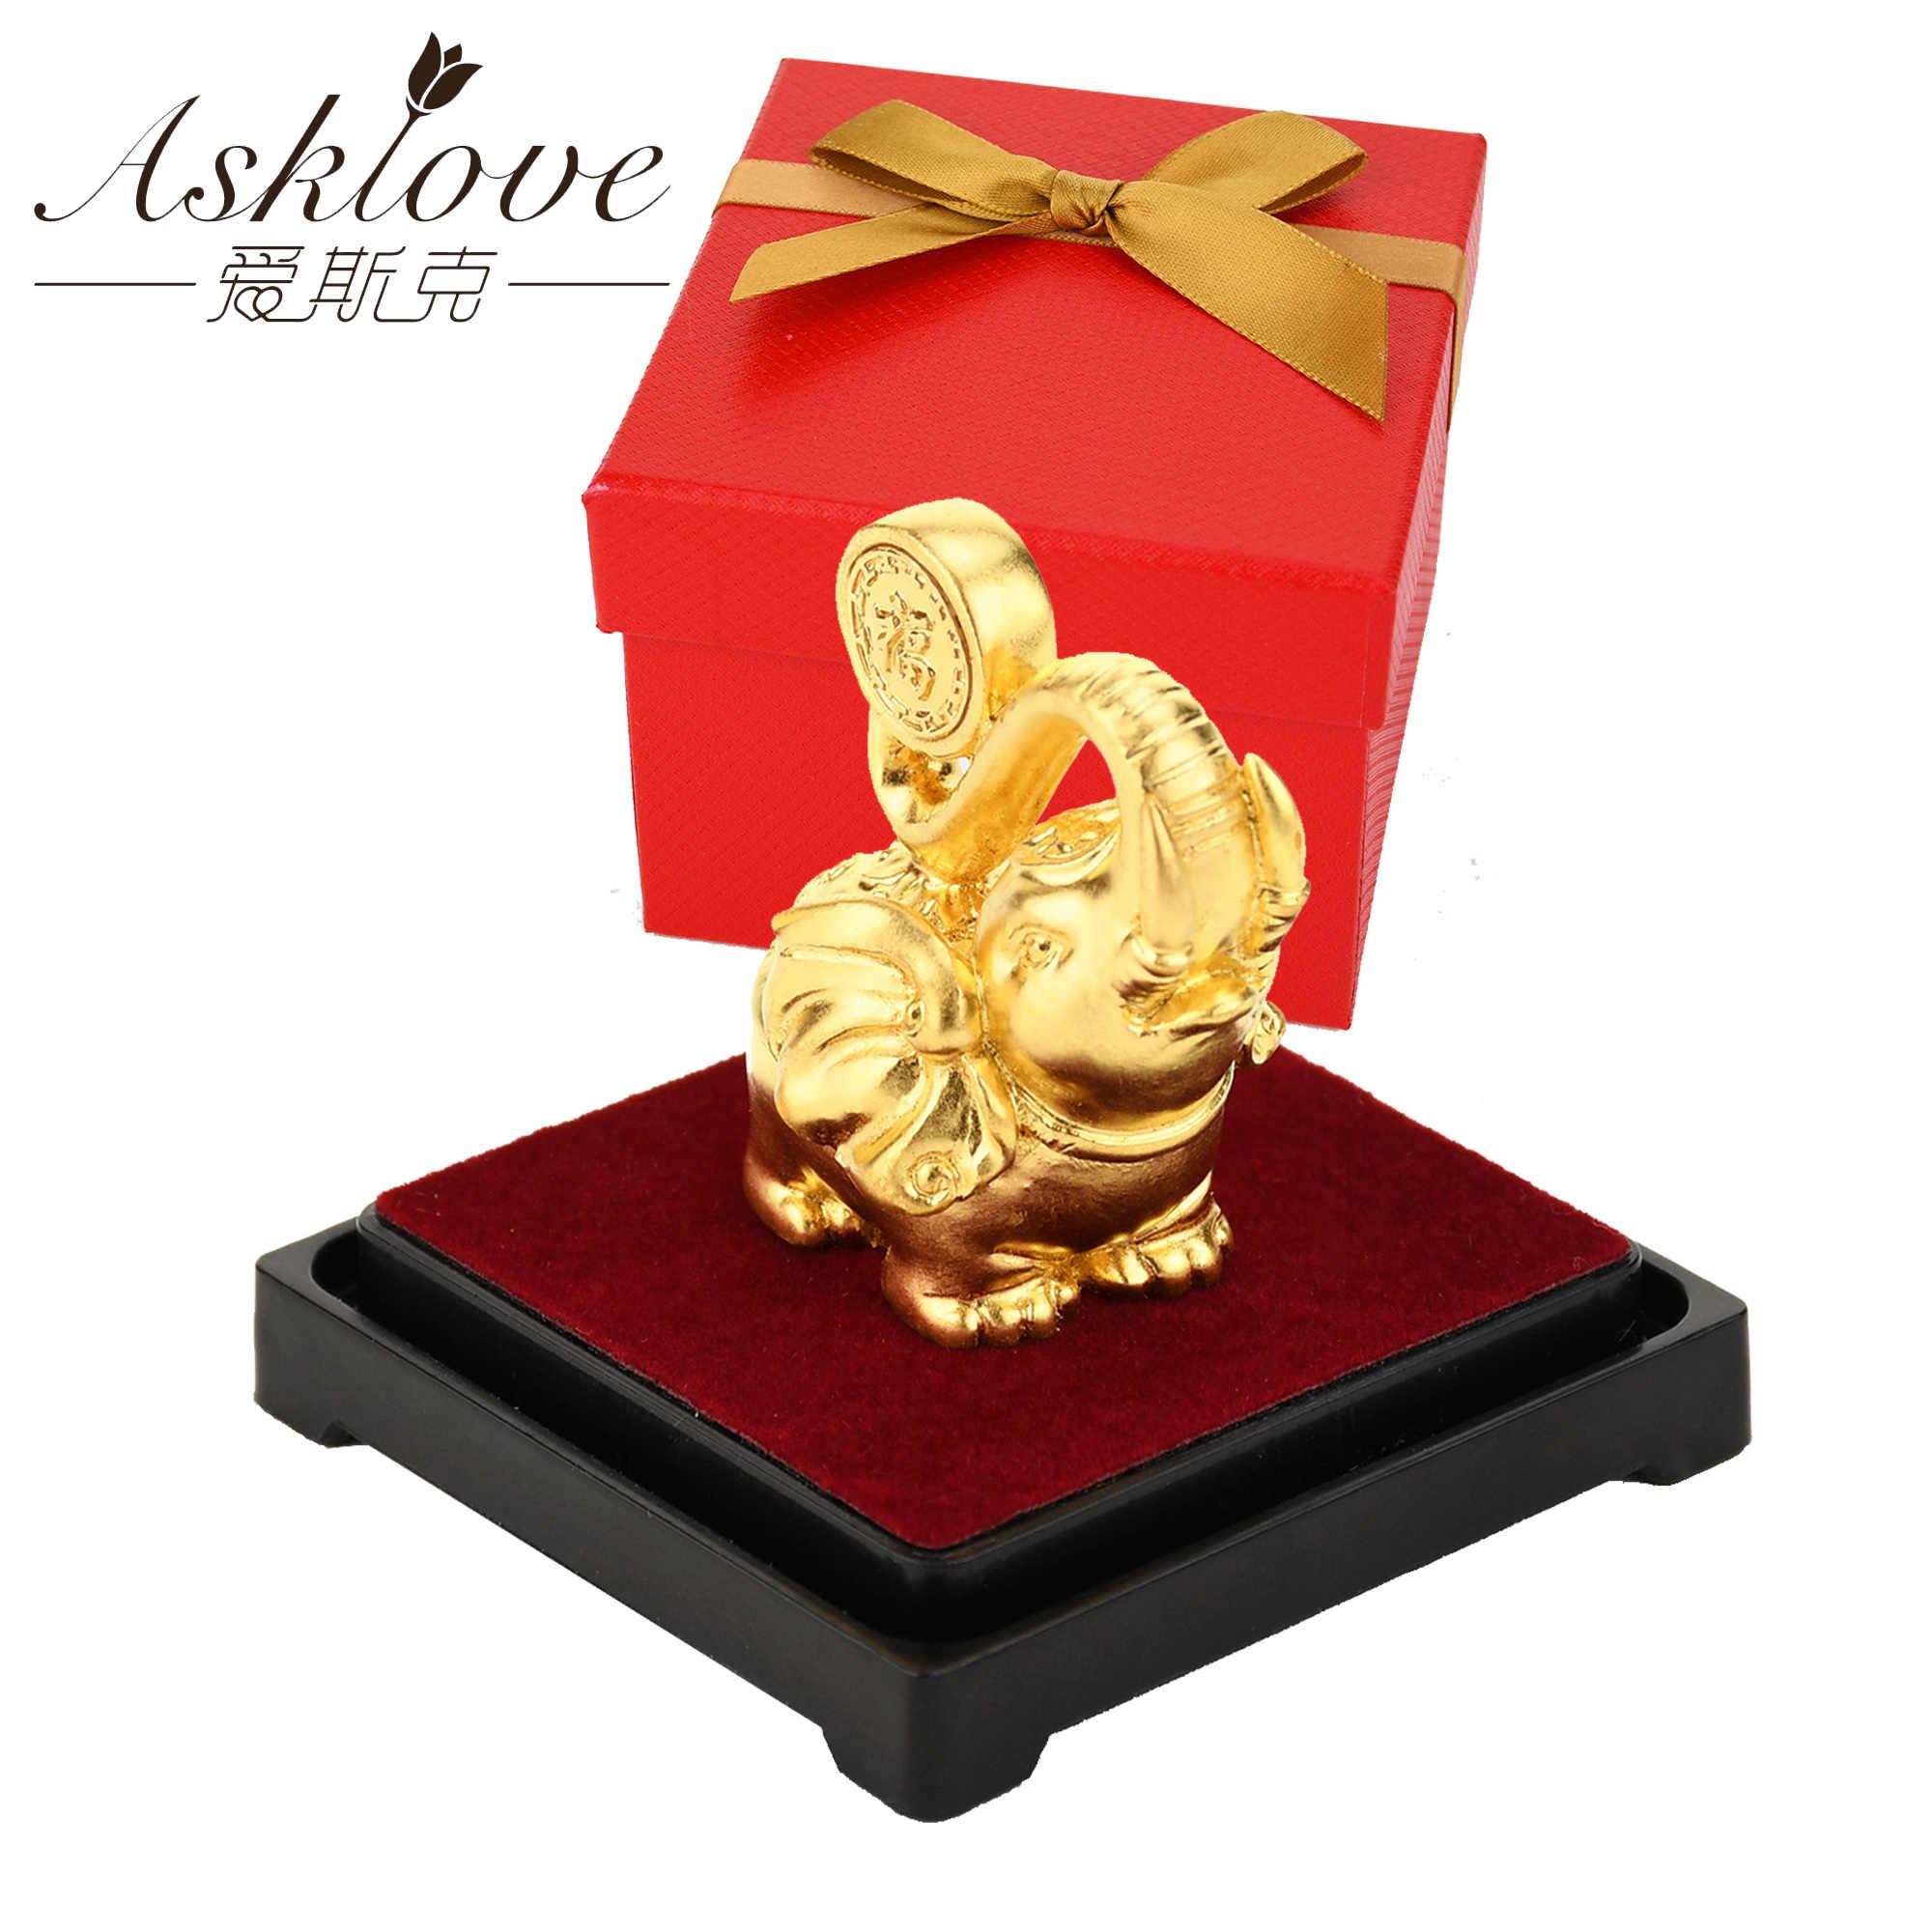 Lucky Elephant Feng Shui Decor 24K Gold Foil ช้างรูปปั้น Figurine เครื่องประดับสำนักงานหัตถกรรมเก็บความมั่งคั่ง Home Office Decor